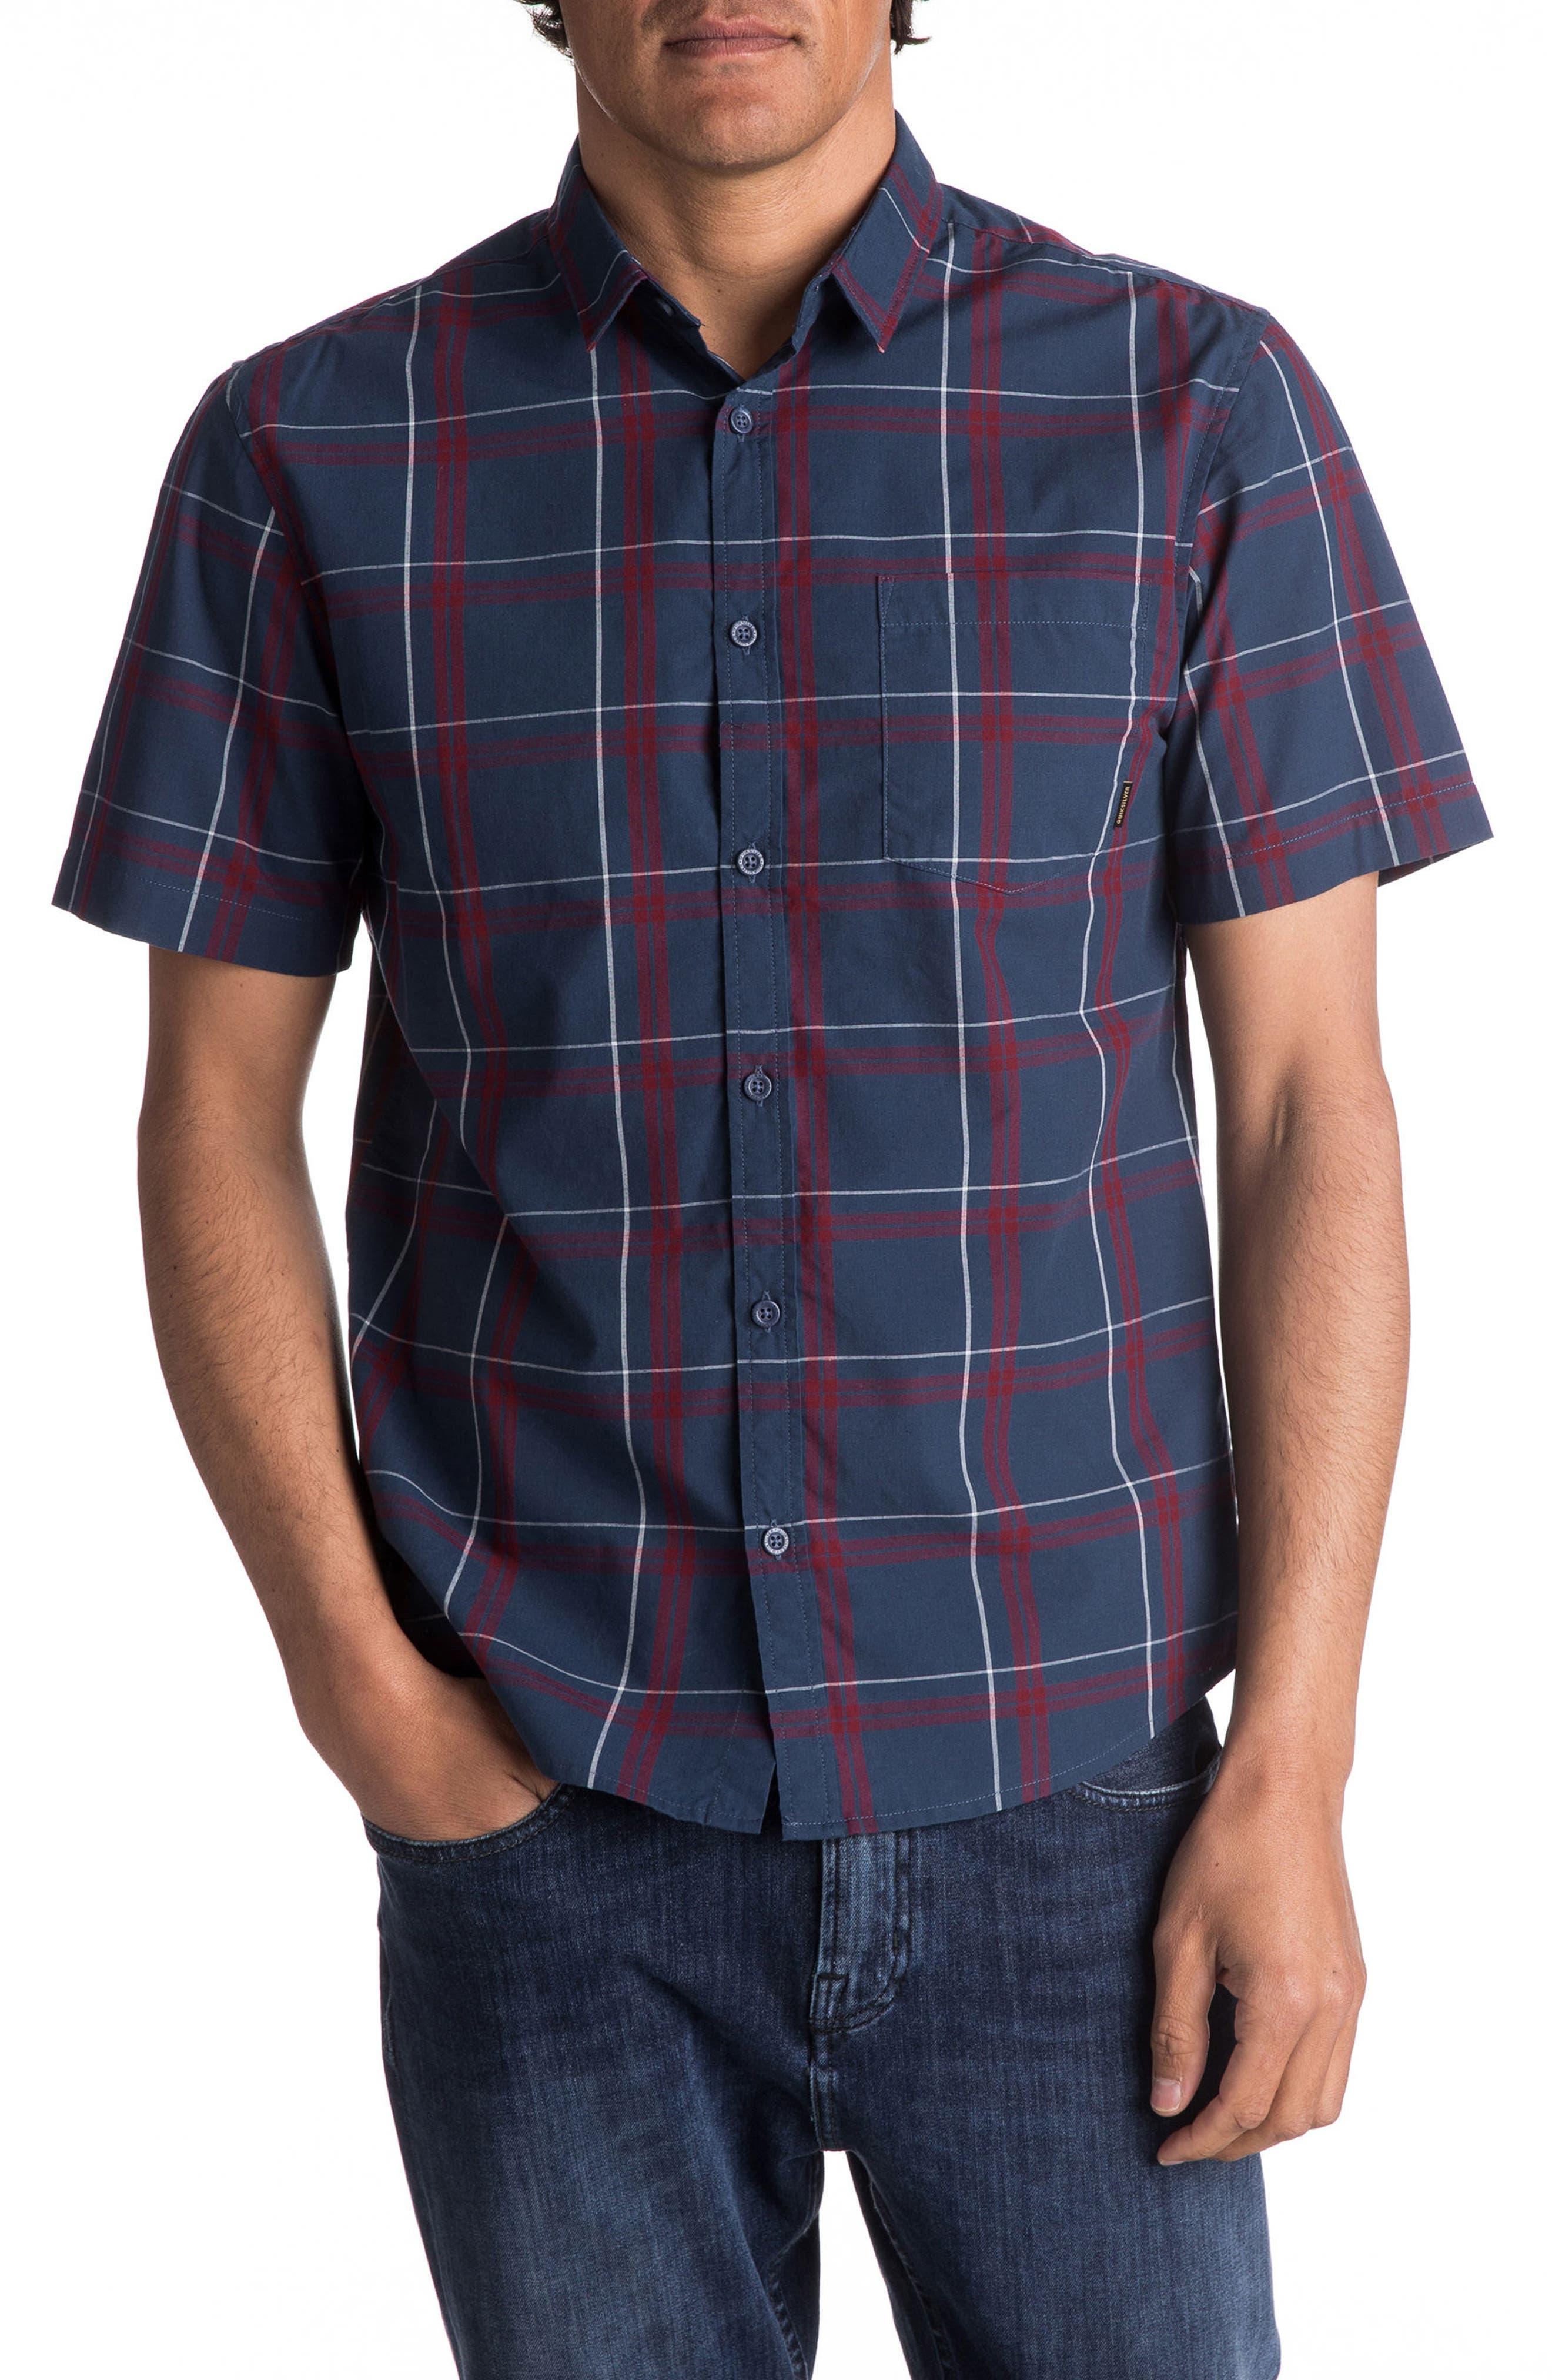 Quiksilver Capen Rise Check Woven Shirt